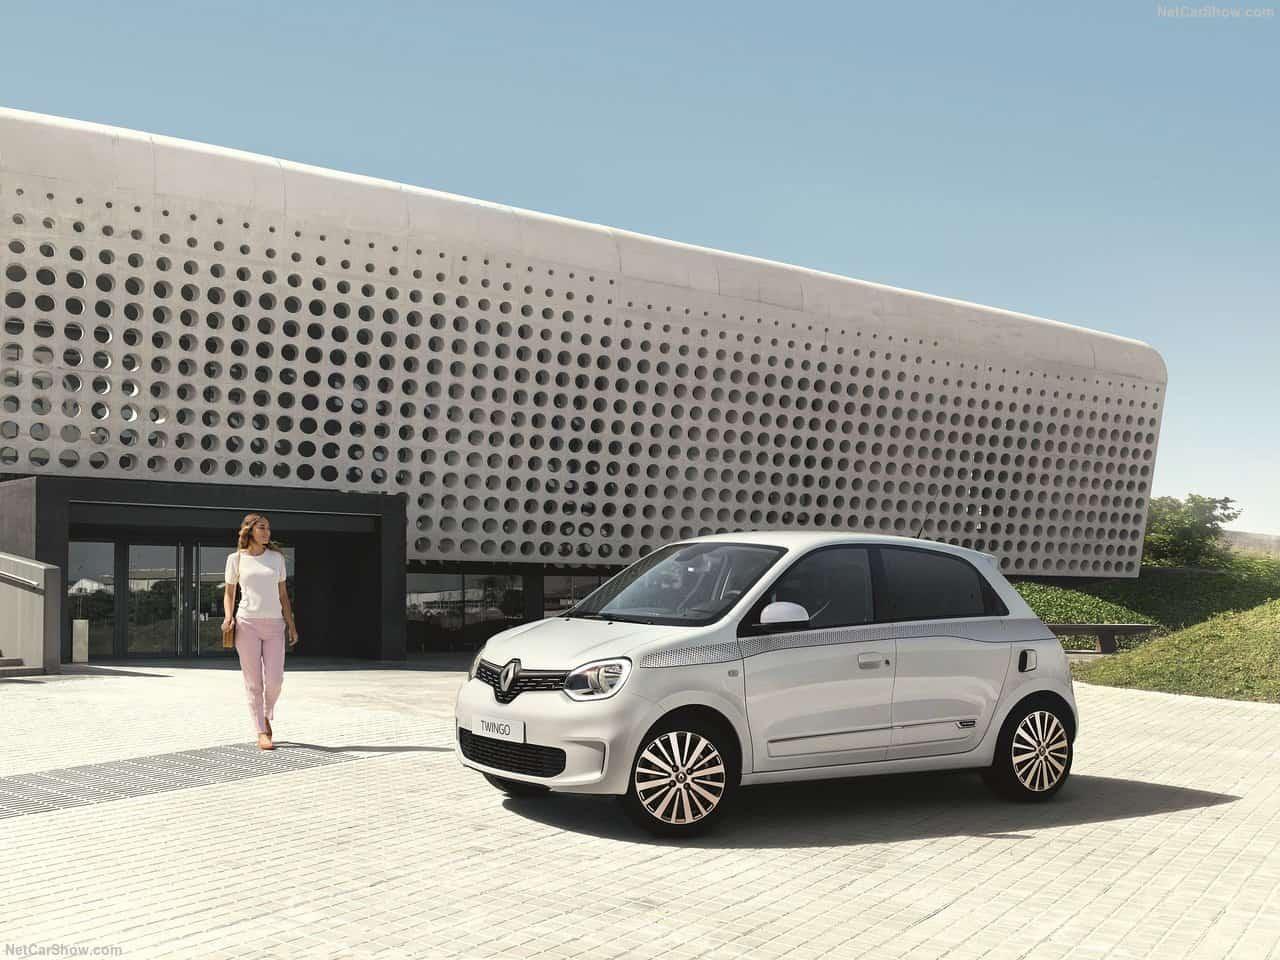 Read more about the article Genau Ihr Style: Der neue Renault TWINGO Der Kleine mit Kultstatus